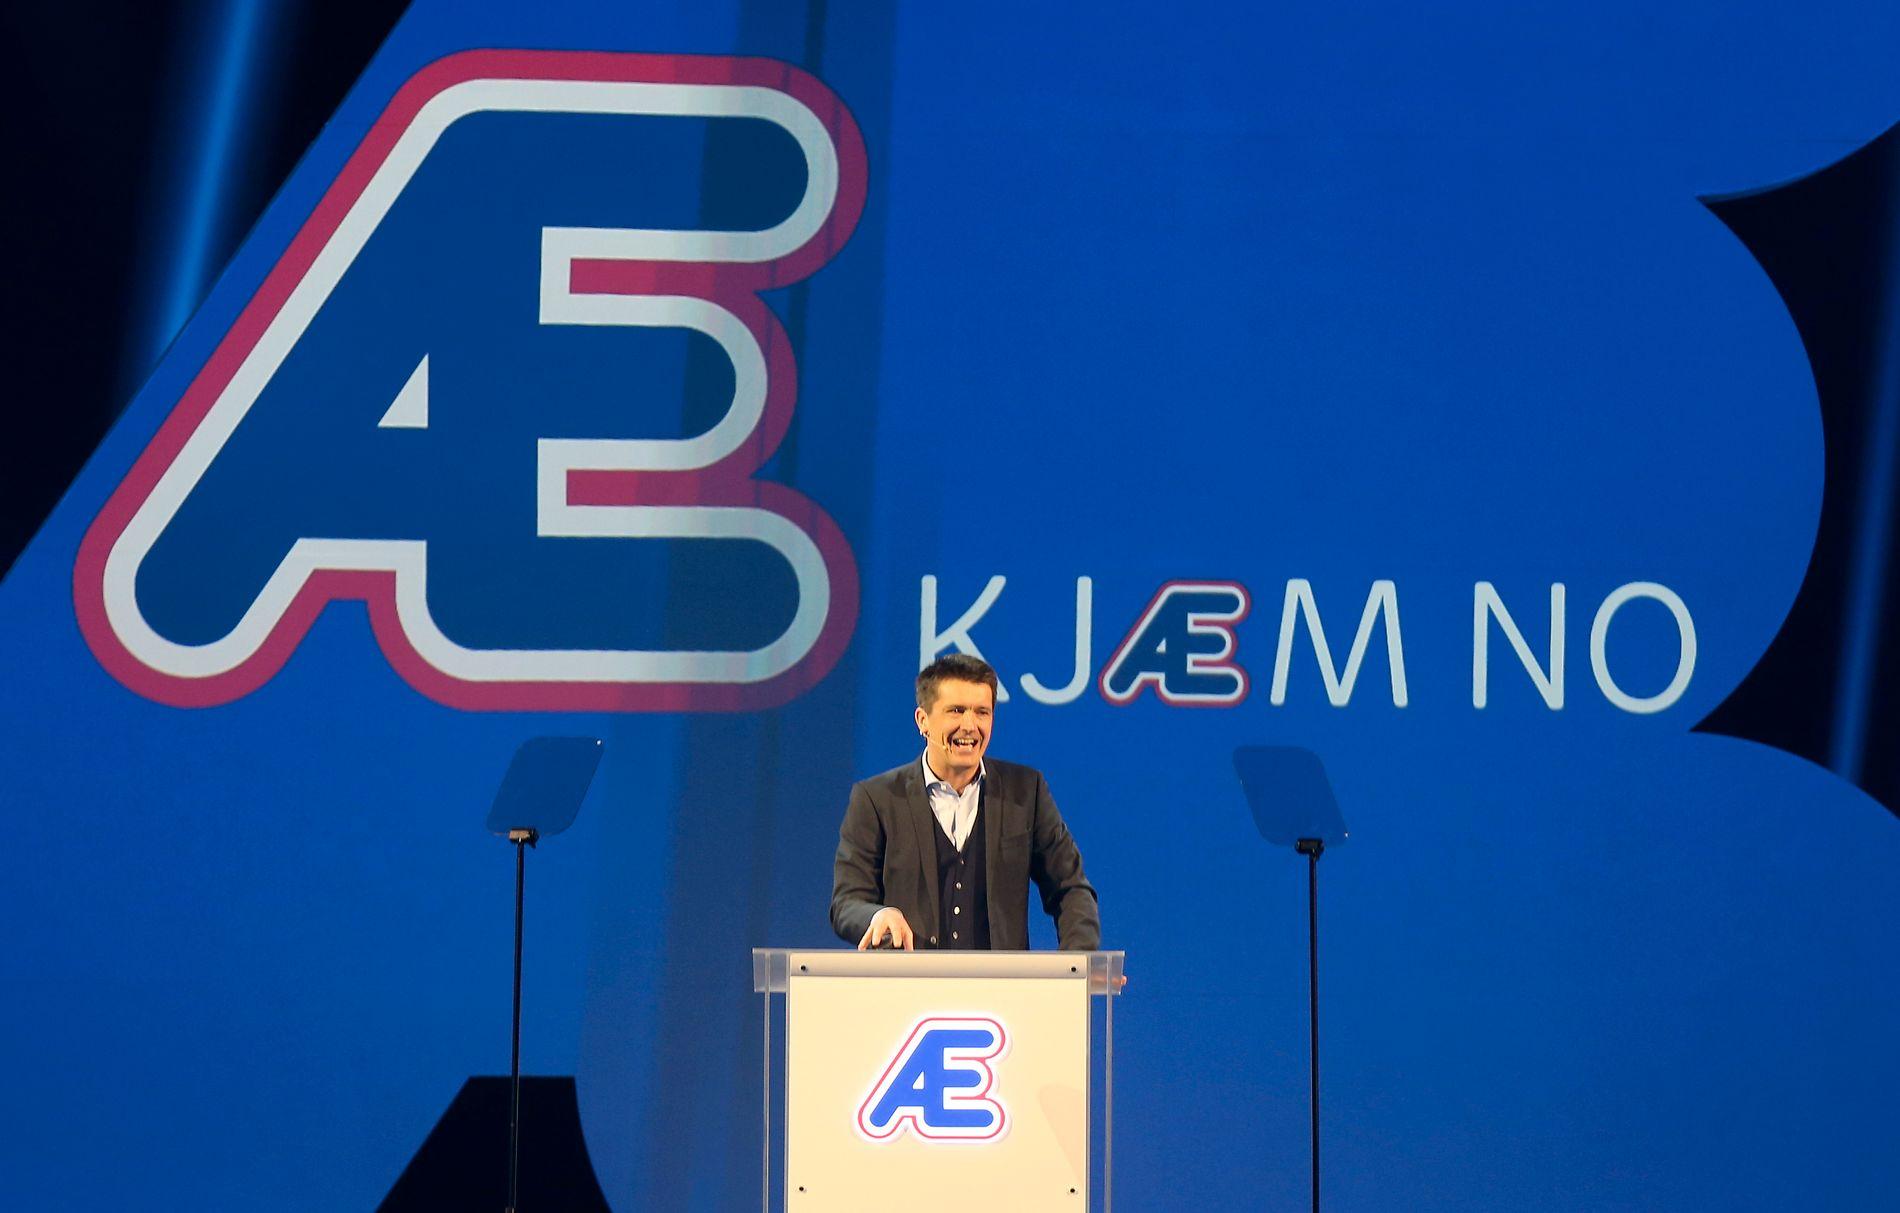 Rema-sjef Ole Robert Reitan på talerstolen foran alle de 550 kjøpmennene sine, da han var med på å presentere Æ på Gardermoen 4. januar i år.